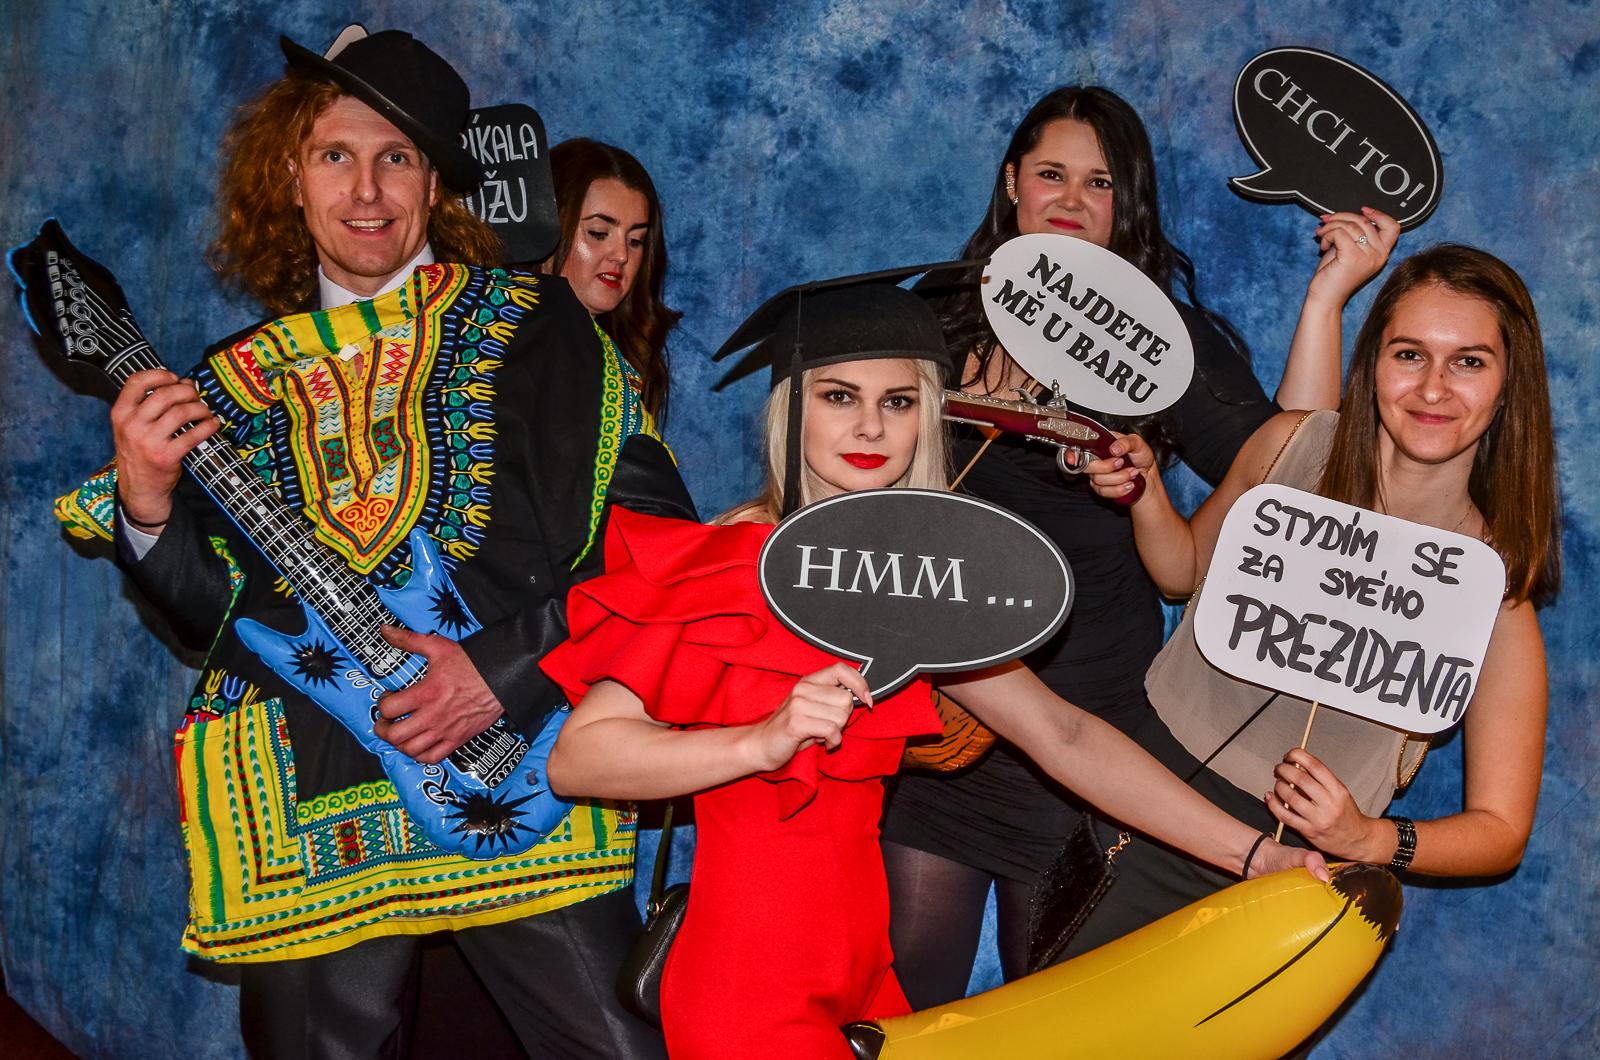 Fotky z fotokoutku Ssš podnikatelské Altman